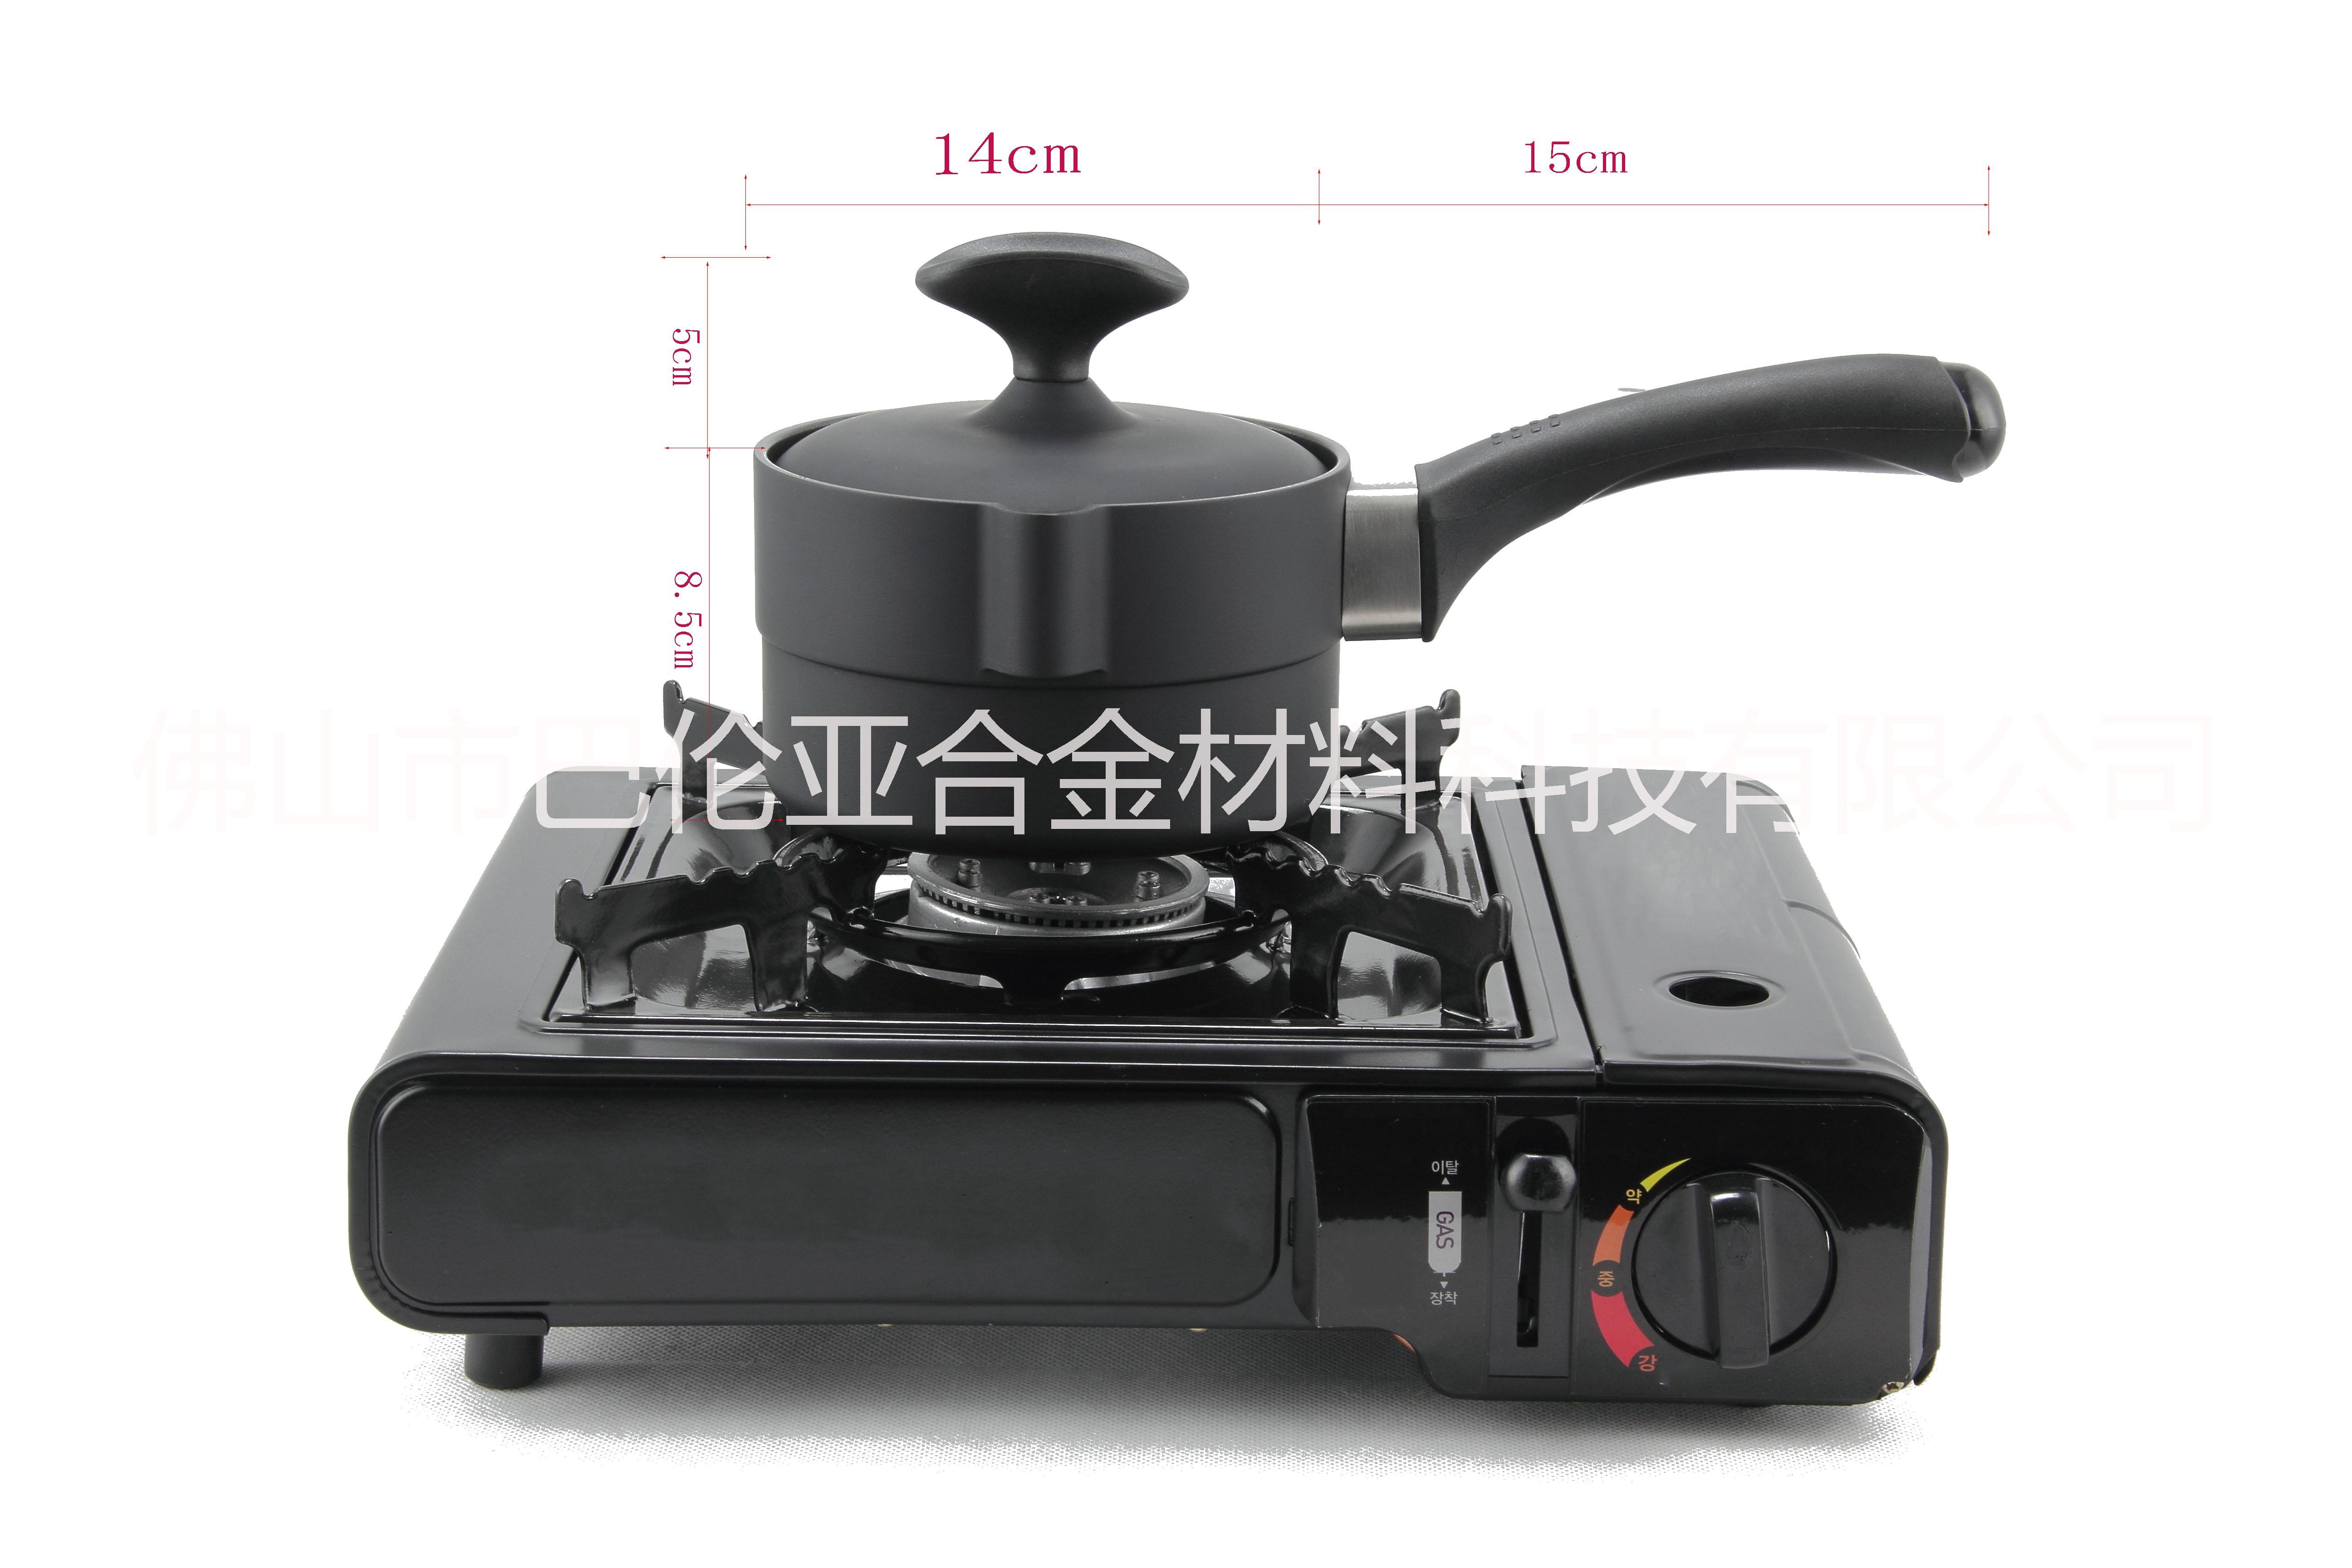 供应 Balun电磁炉通用不粘石墨锅  Balun不粘石墨奶锅